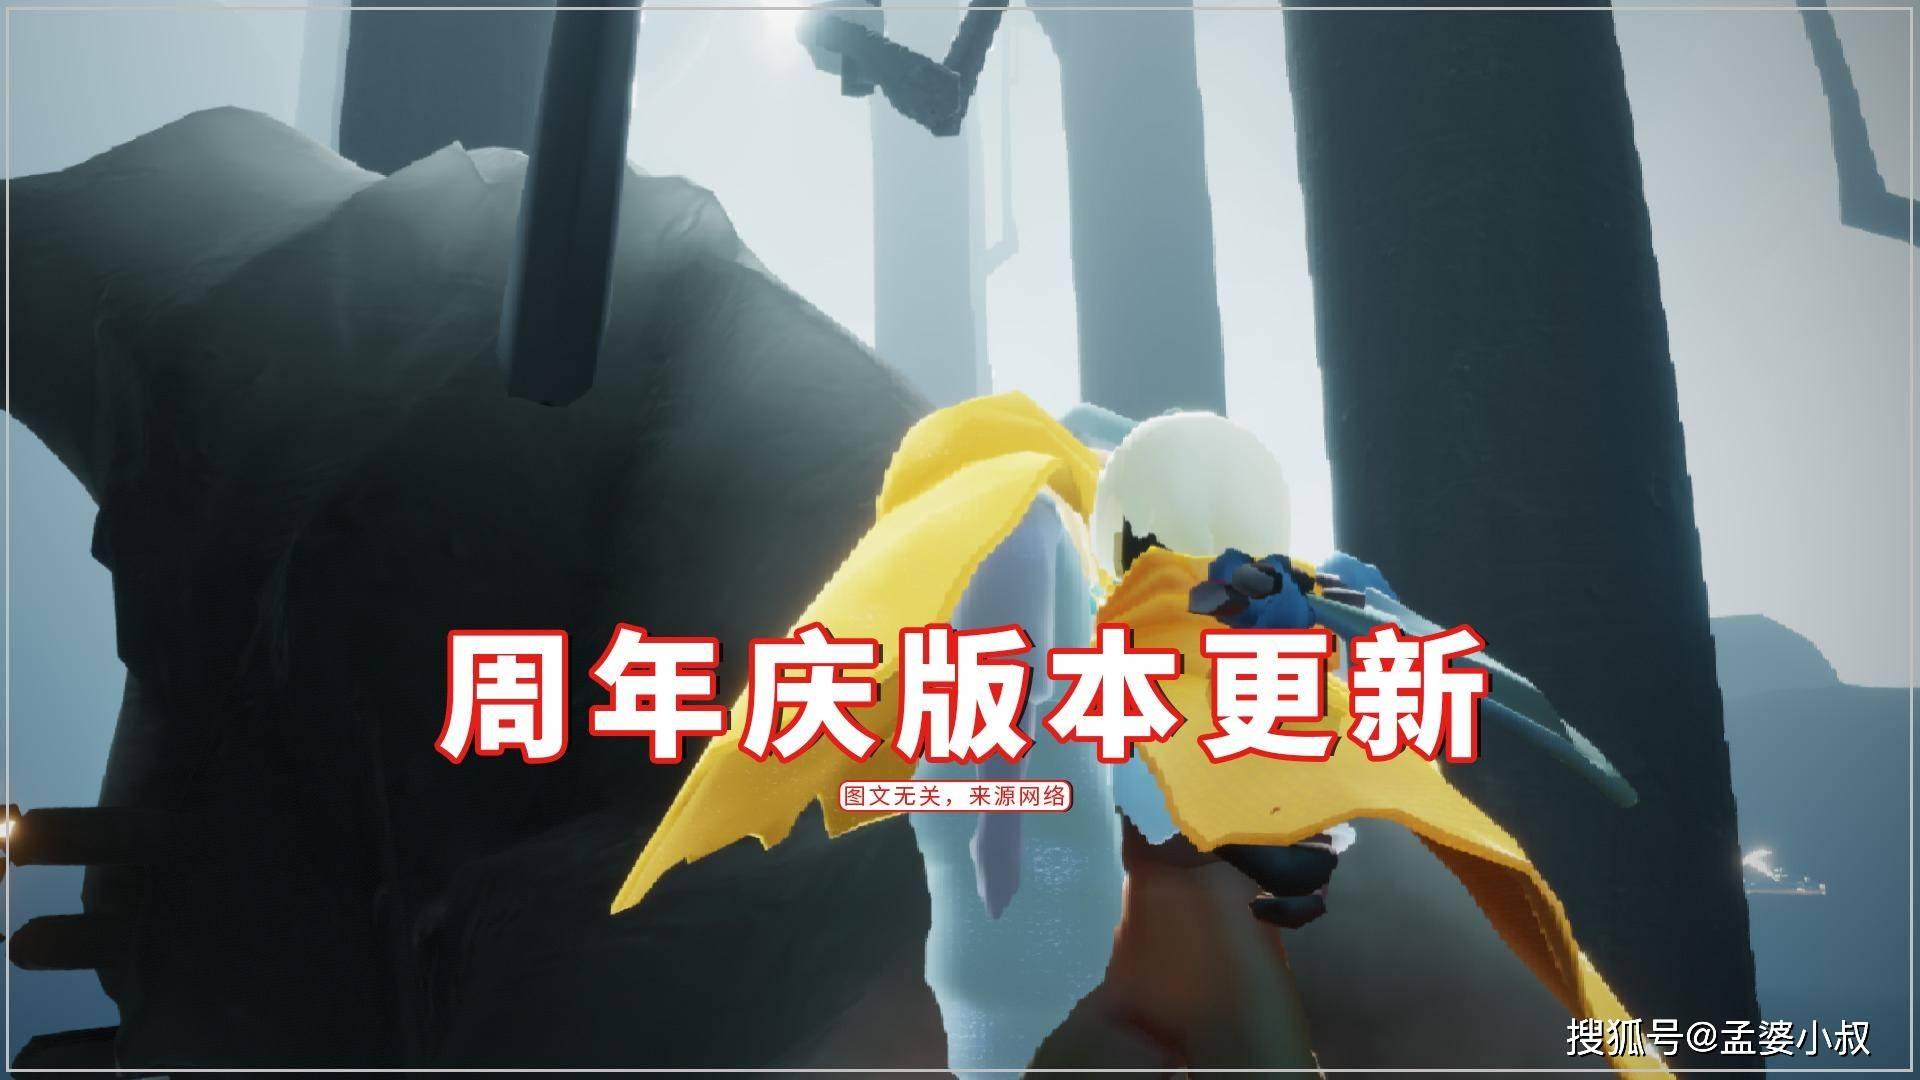 光遇版本更新日期闹乌龙!7.9周年版本共享空间上线,20号小王子开启